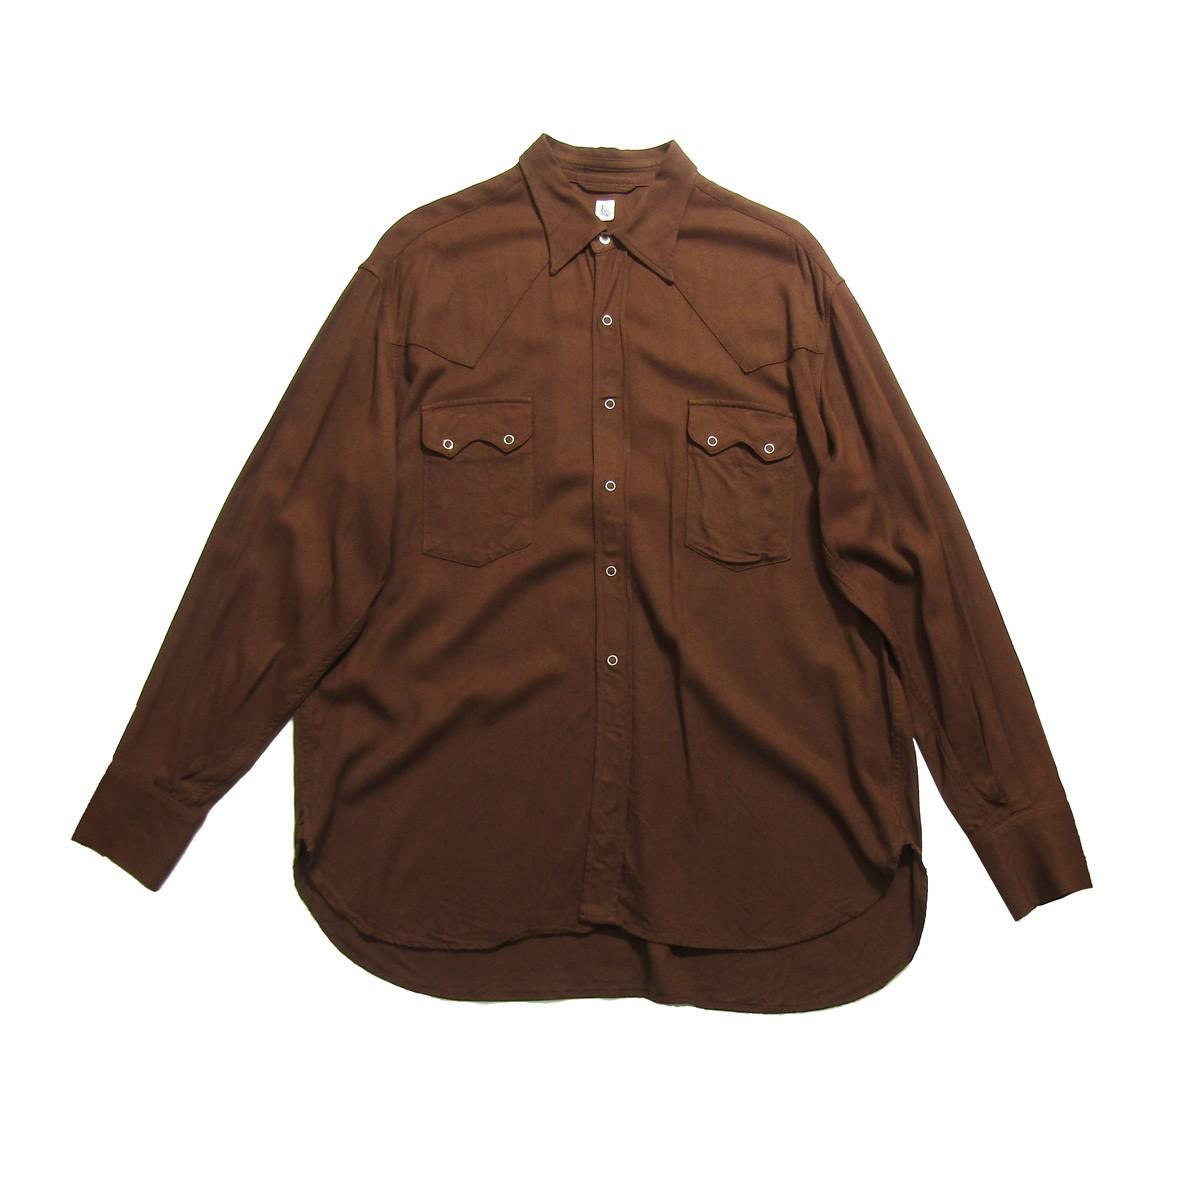 【中古】KAPTAIN SUNSHINE COWBOY SHIRTS カーボーイシャツ ブラウン サイズ:38 【200420】(キャプテンサンシャイン)